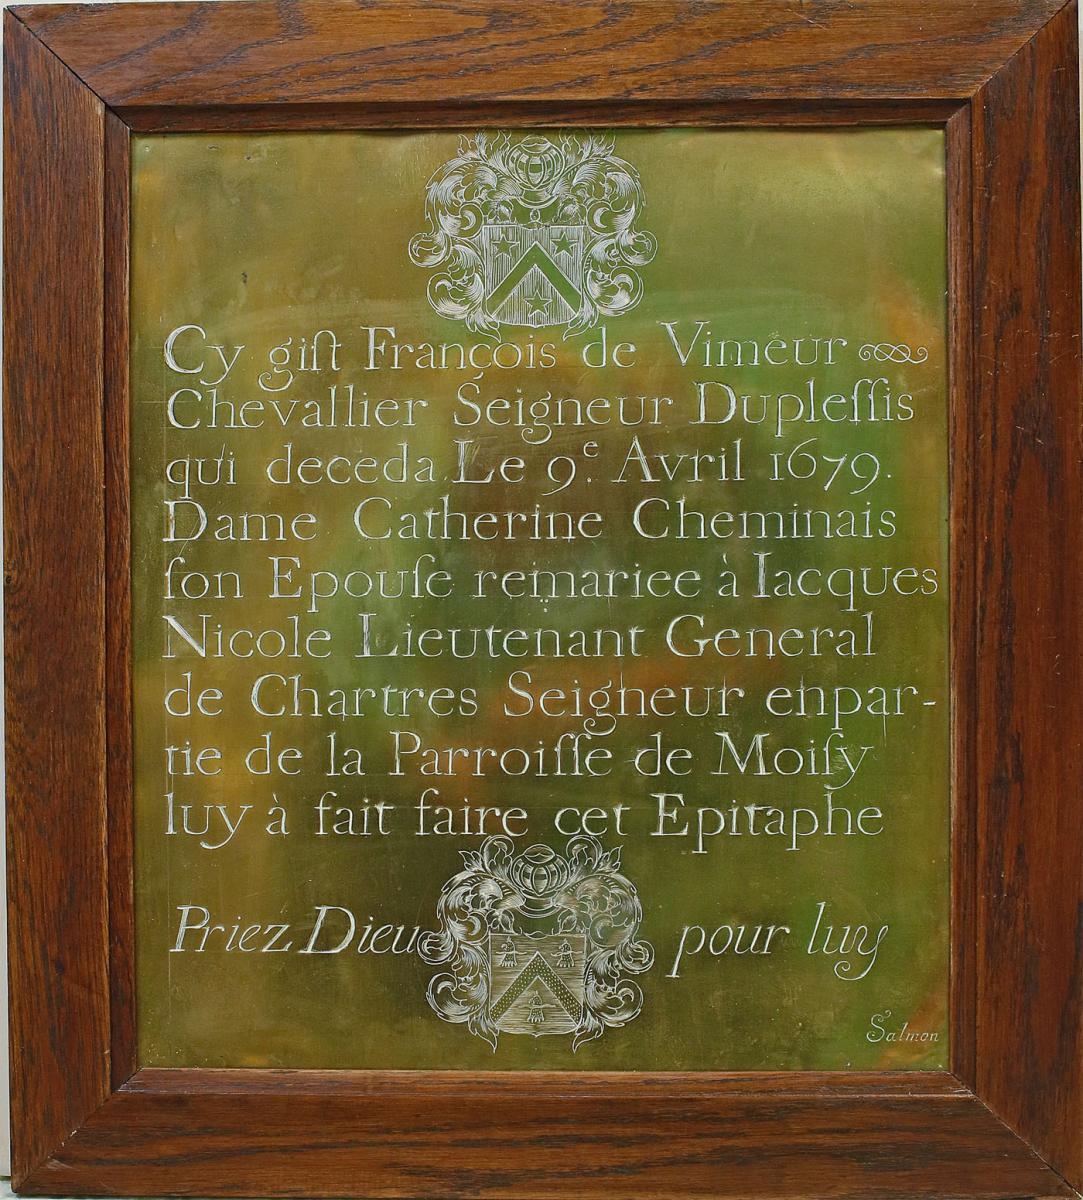 Epitaphe de François de Vimeur En Laiton Gravé 17 ème